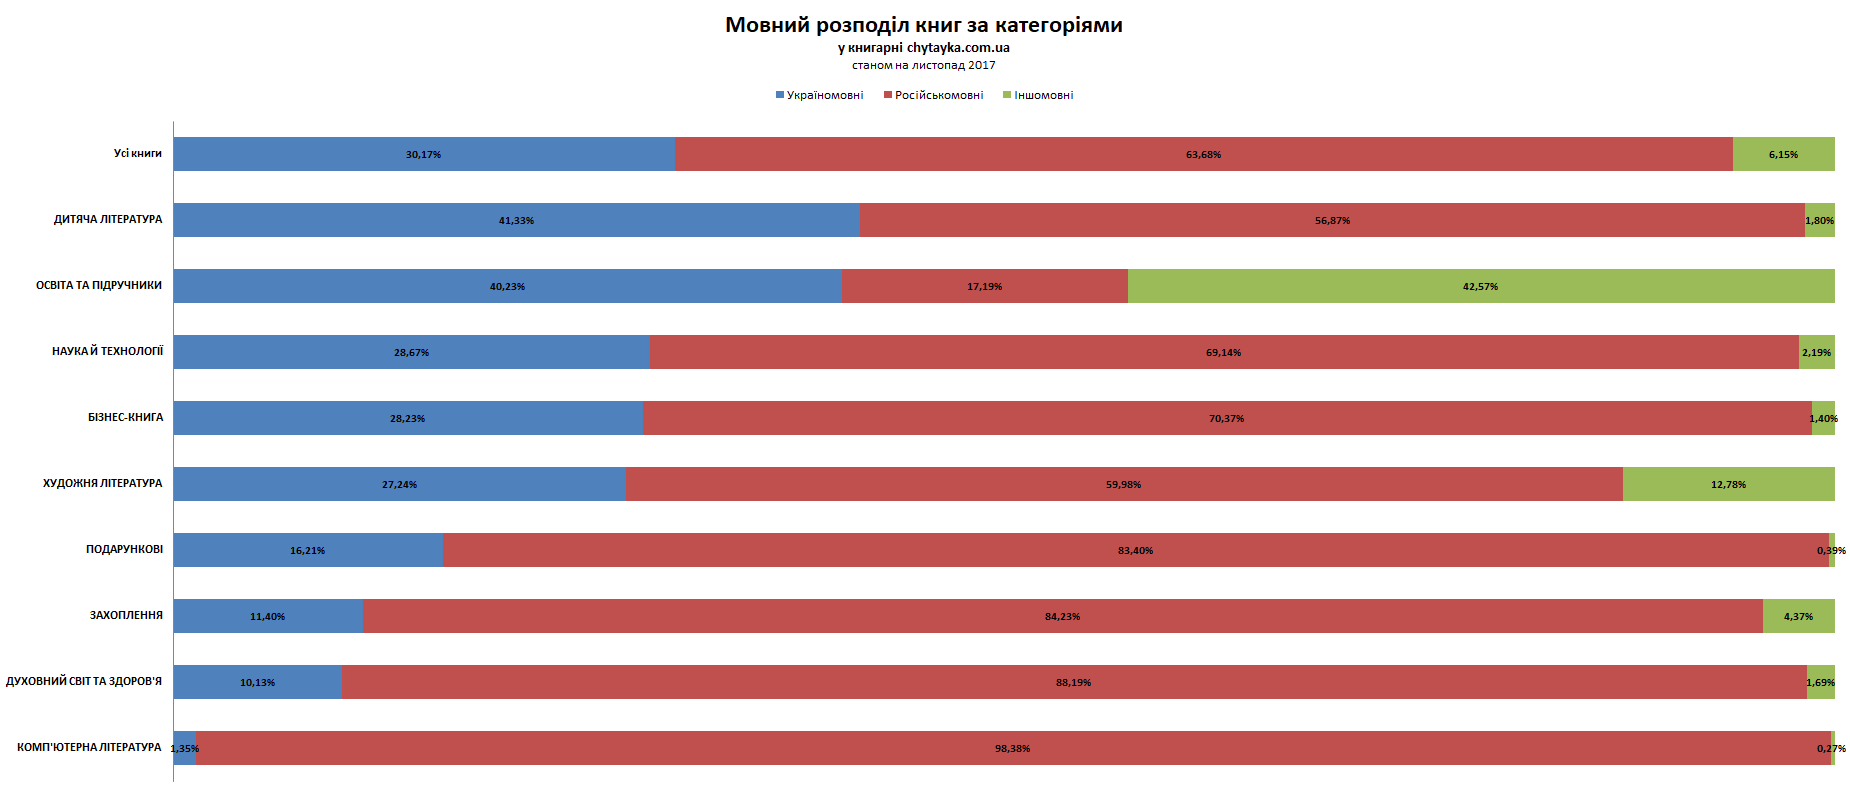 Мовний розподіл книг за категоріями у книгарні chytayka.com.ua